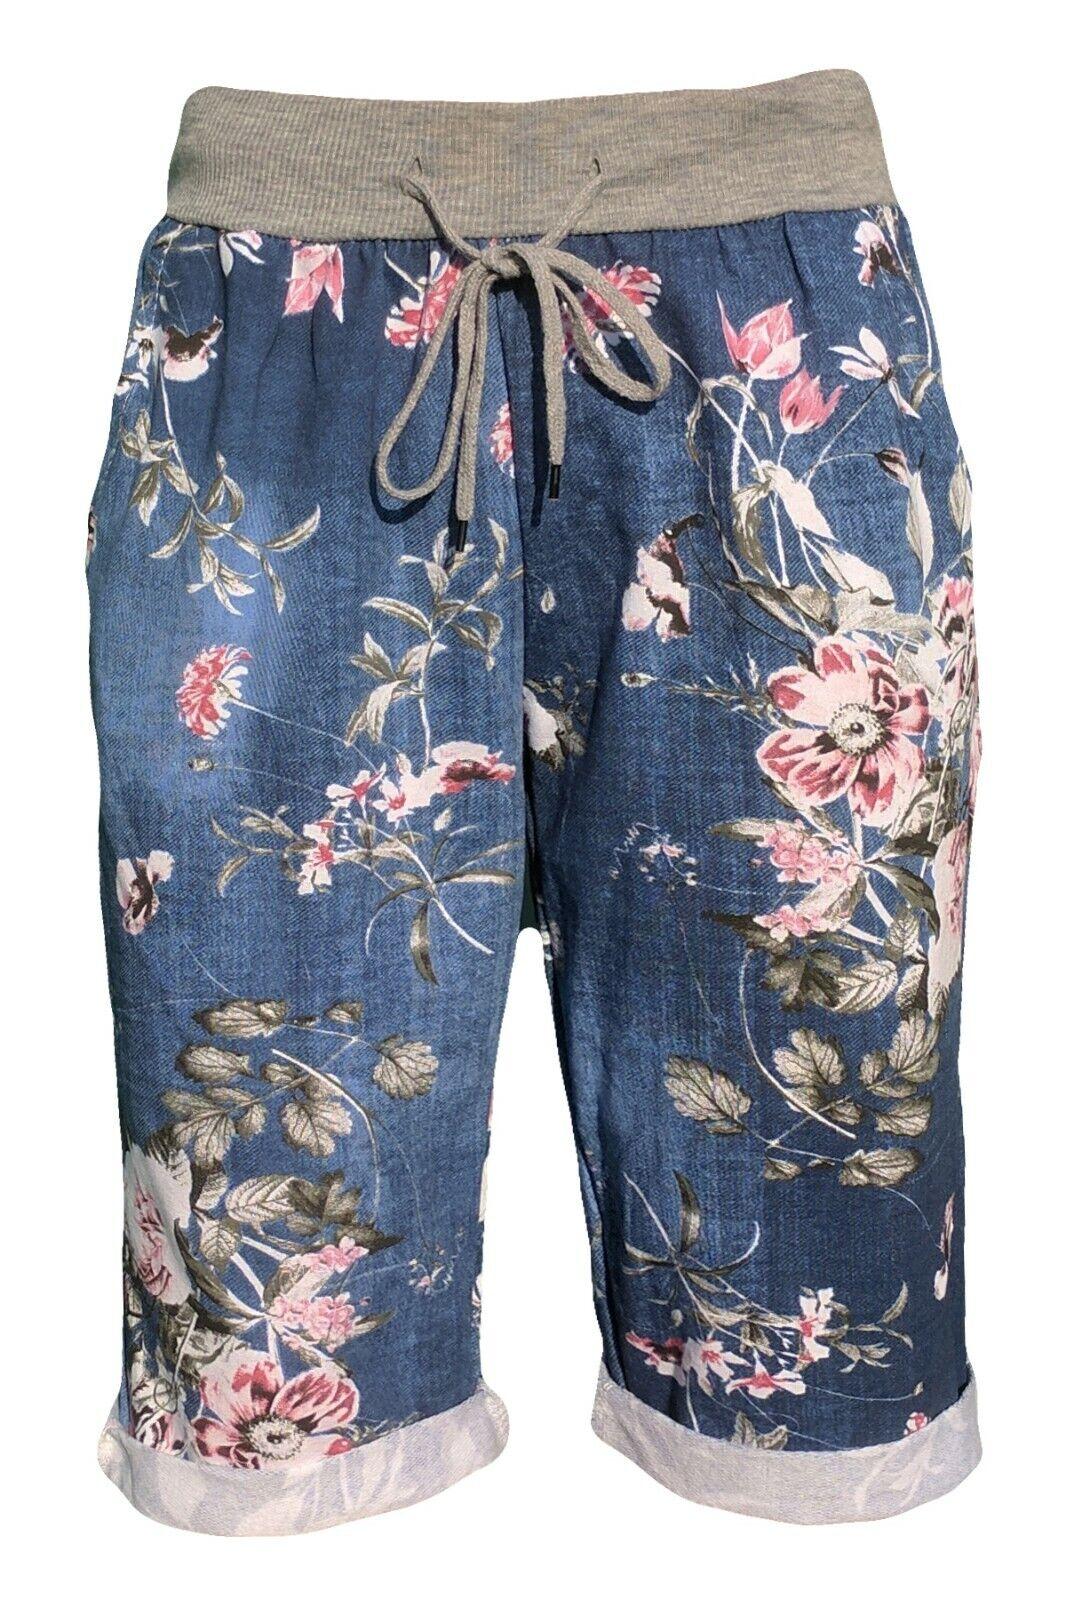 78d2c333ebf9 Kurze Damen Hosen Gr 44 Test Vergleich +++ Kurze Damen Hosen Gr 44 ...